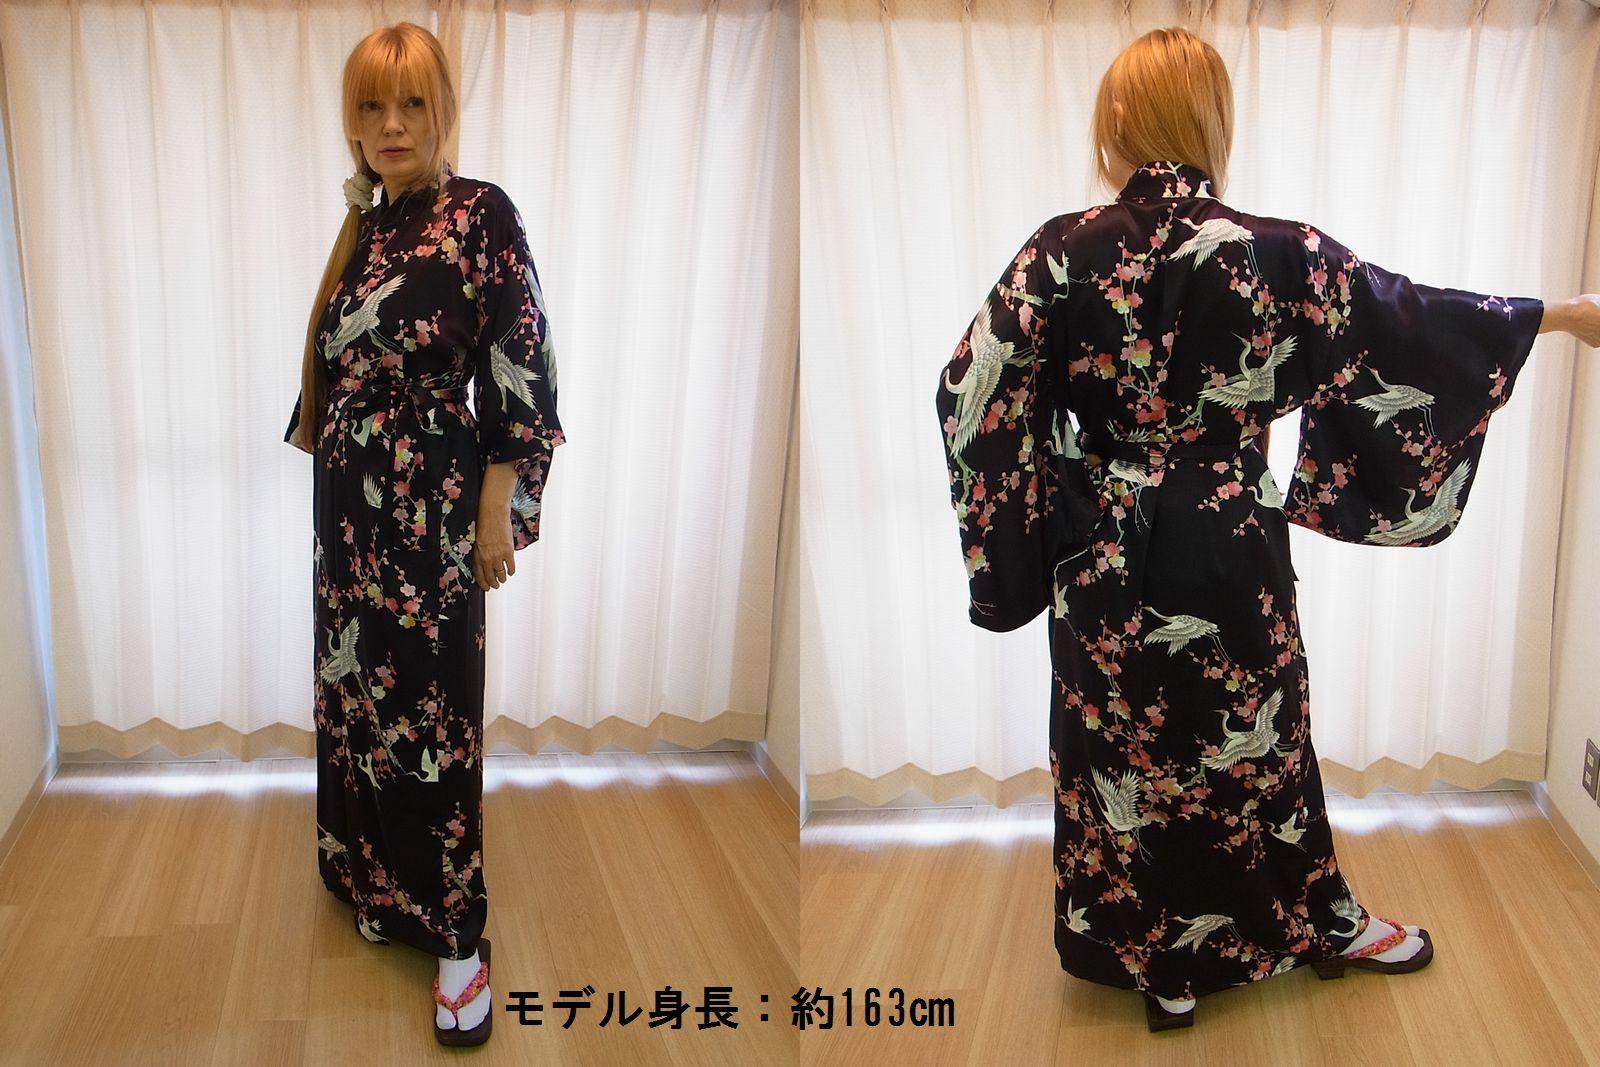 【日本のおみやげ】◆外国人向けシルク着物【梅鶴】女性用(フリーサイズ)